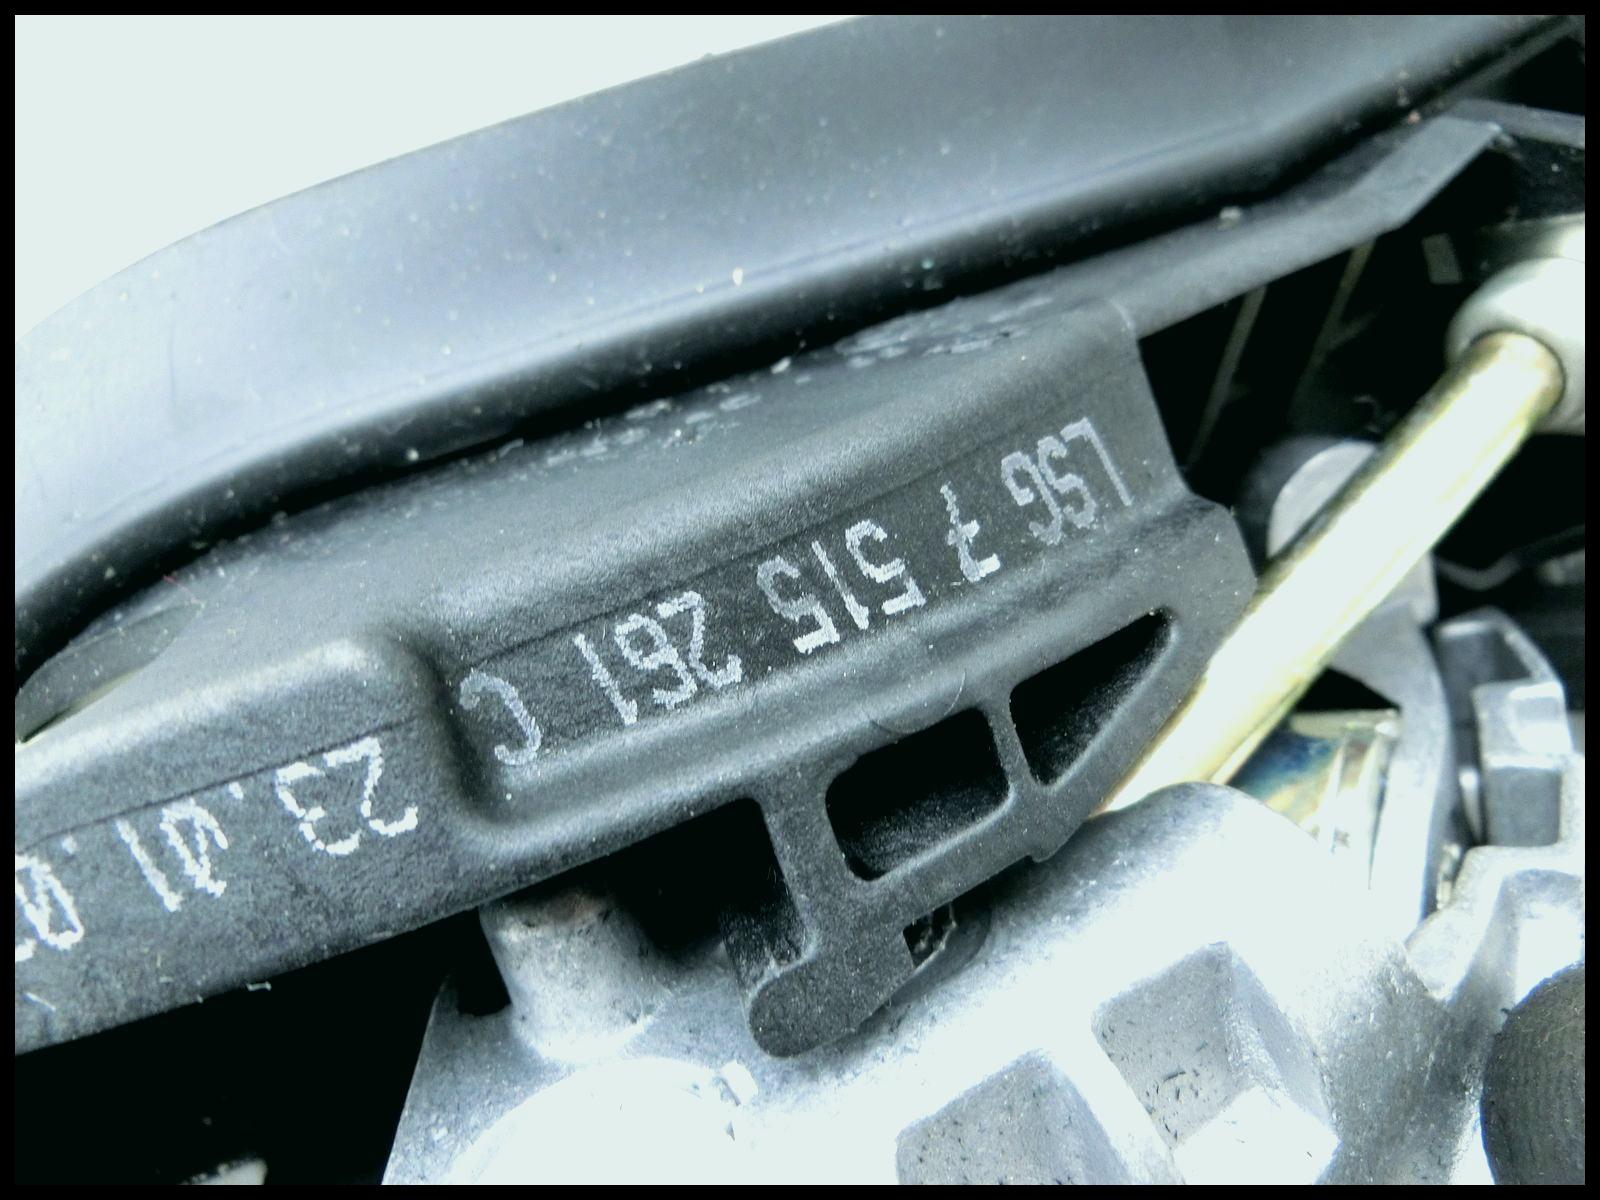 Peugeot 208 Noir Exquis Bmw E46 3er 01 05 2 0d 110kw Autom Schaltkulisse Schalthebel